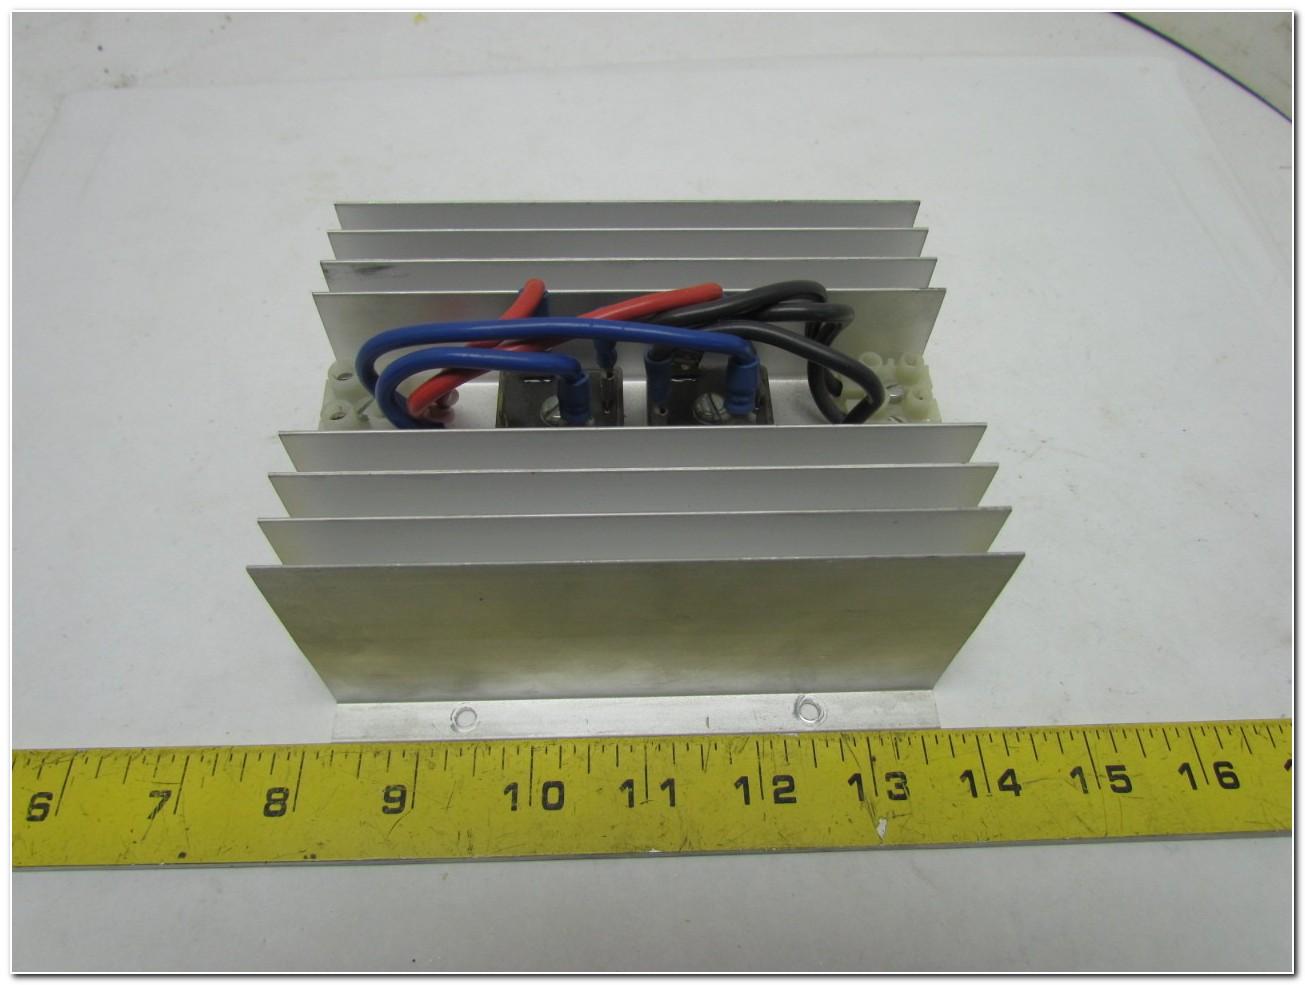 Bridge Rectifier Heat Sink Calculation